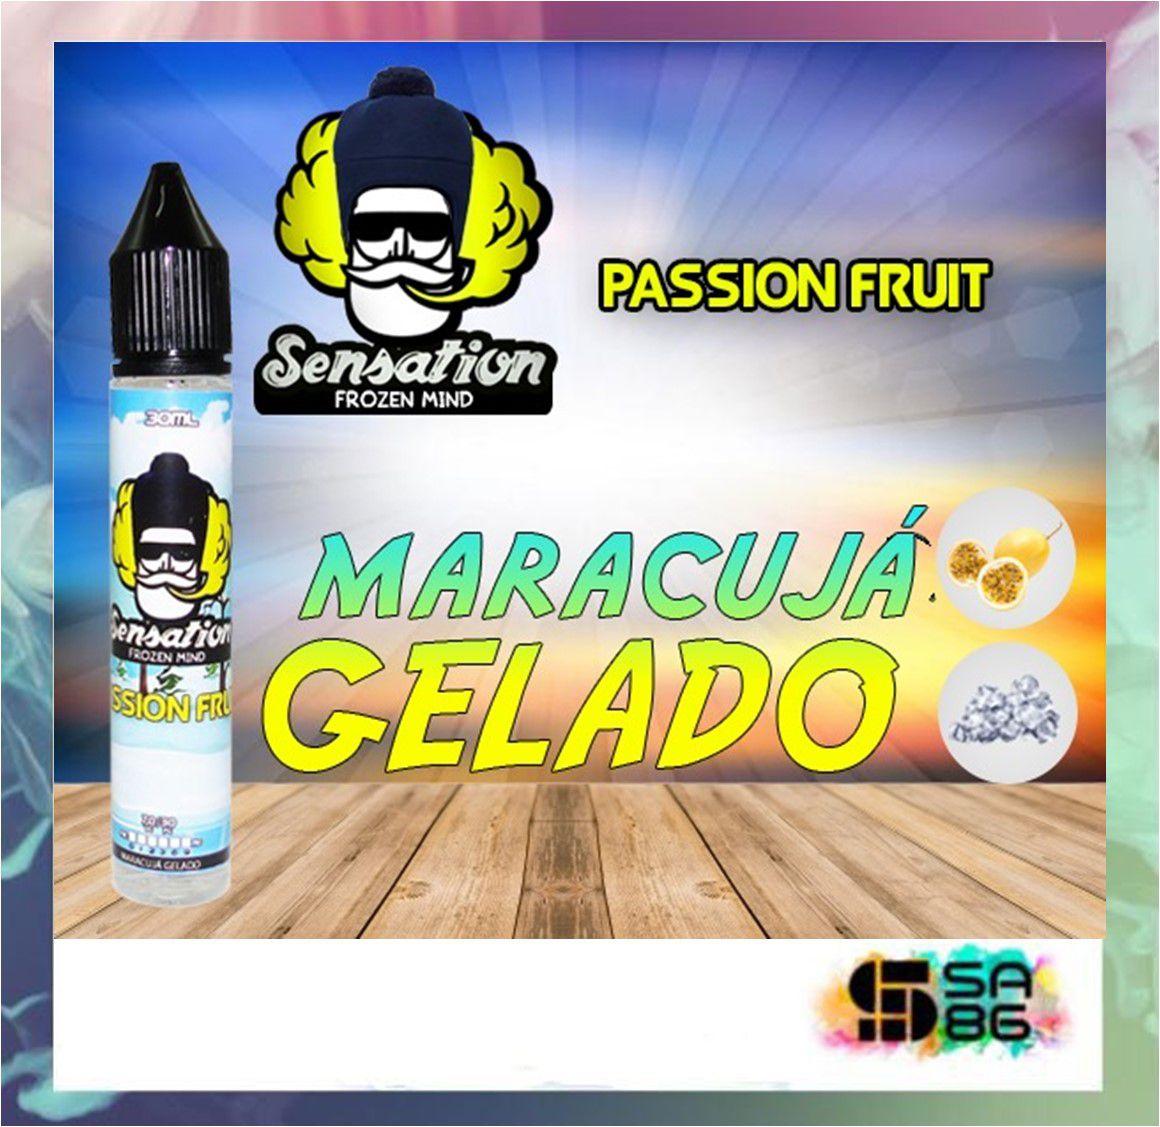 JUICE SENSATION - PASSION FRUIT